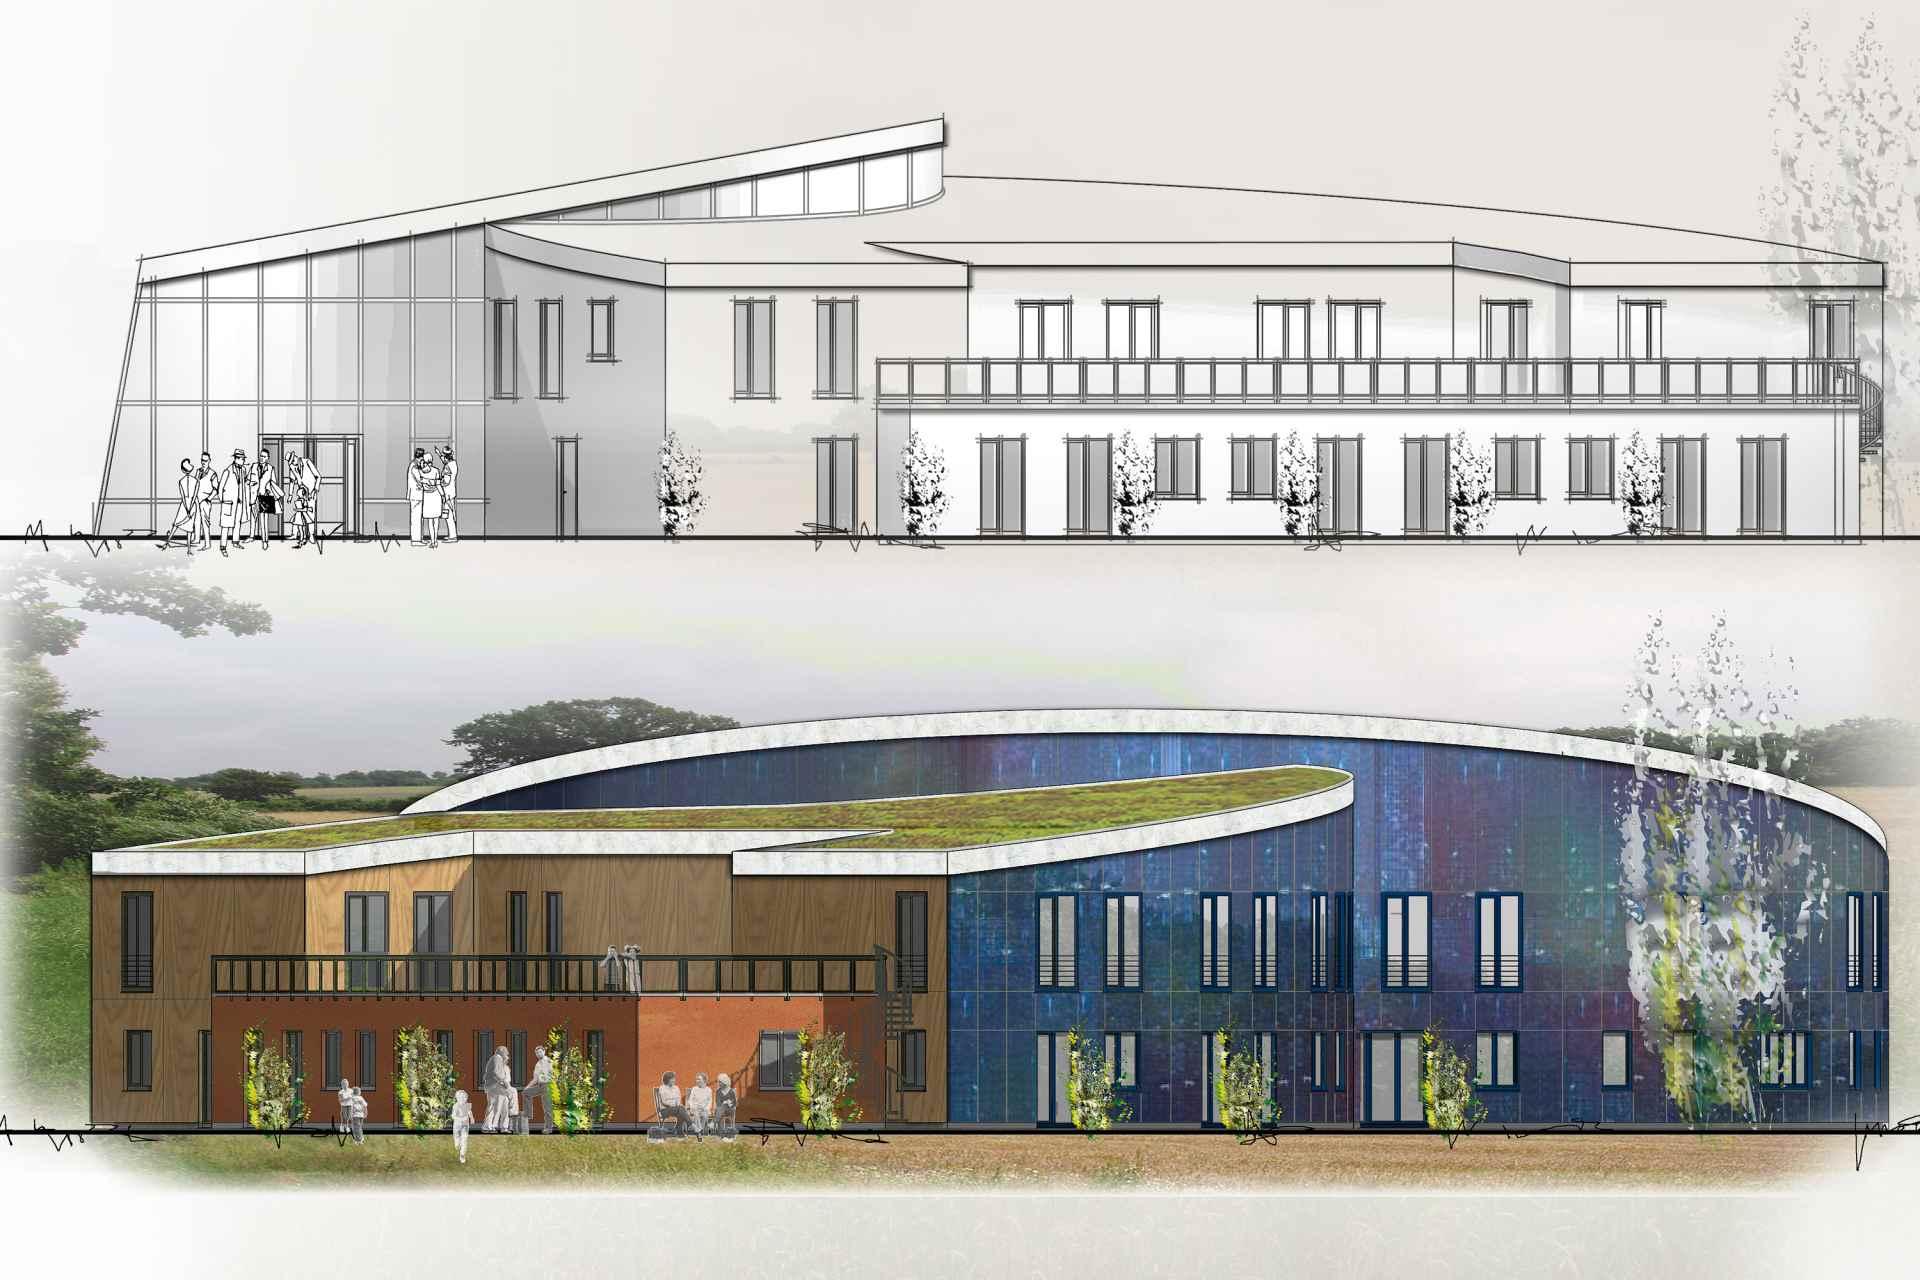 SCH (Sozial- und Sonderbauten + Wettbewerbe und Entwürfe) Hospiz